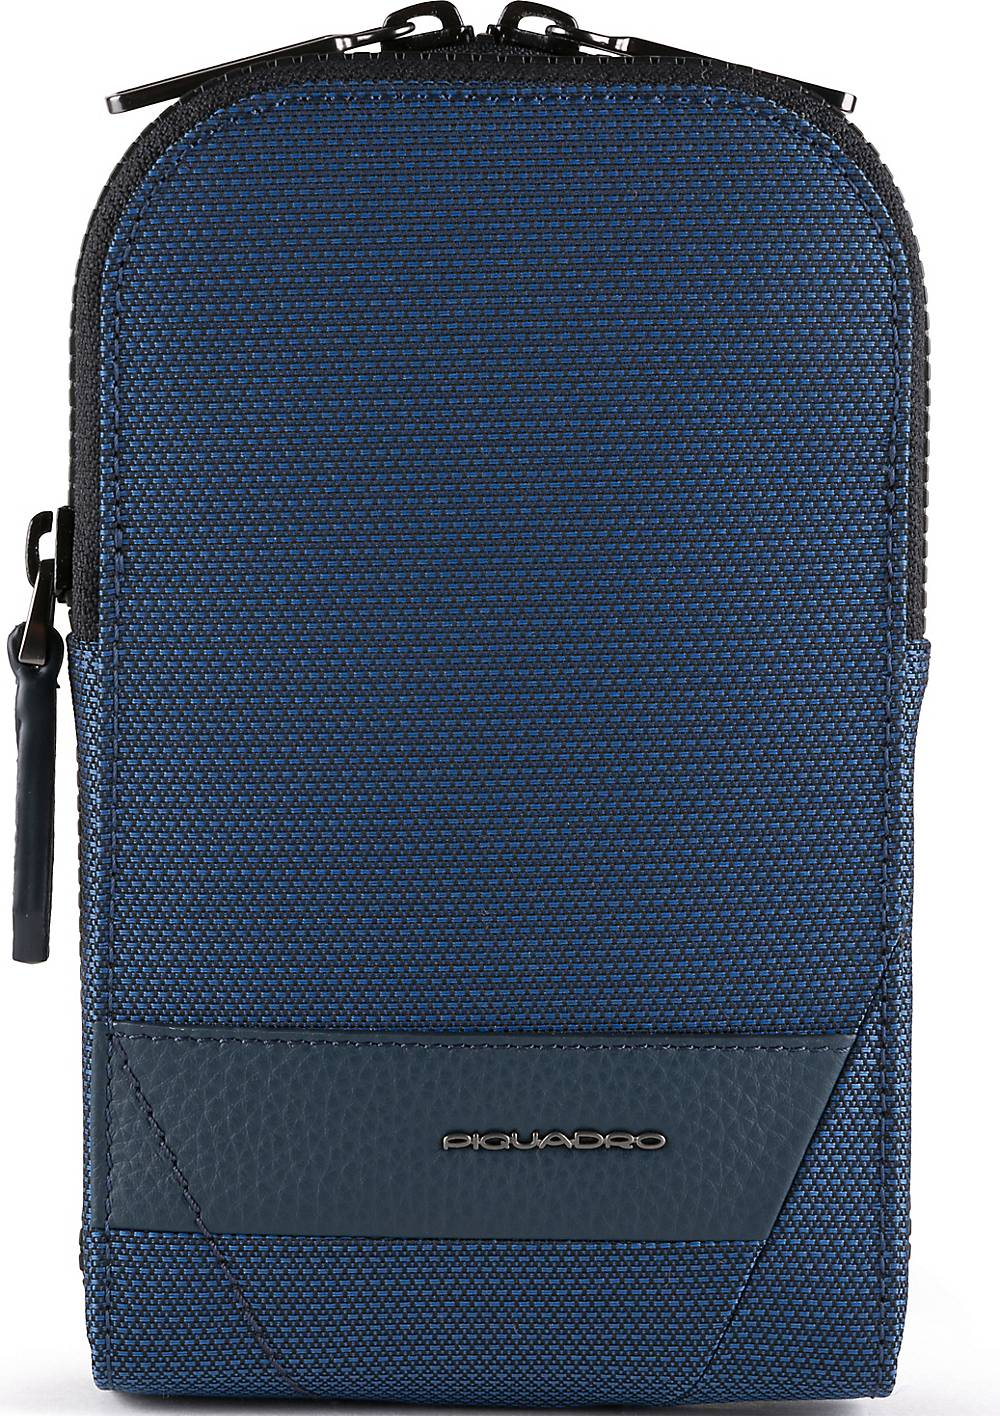 Piquadro, Trakai Handytasche 11 Cm in blau, Handyhüllen & Zubehör für Damen